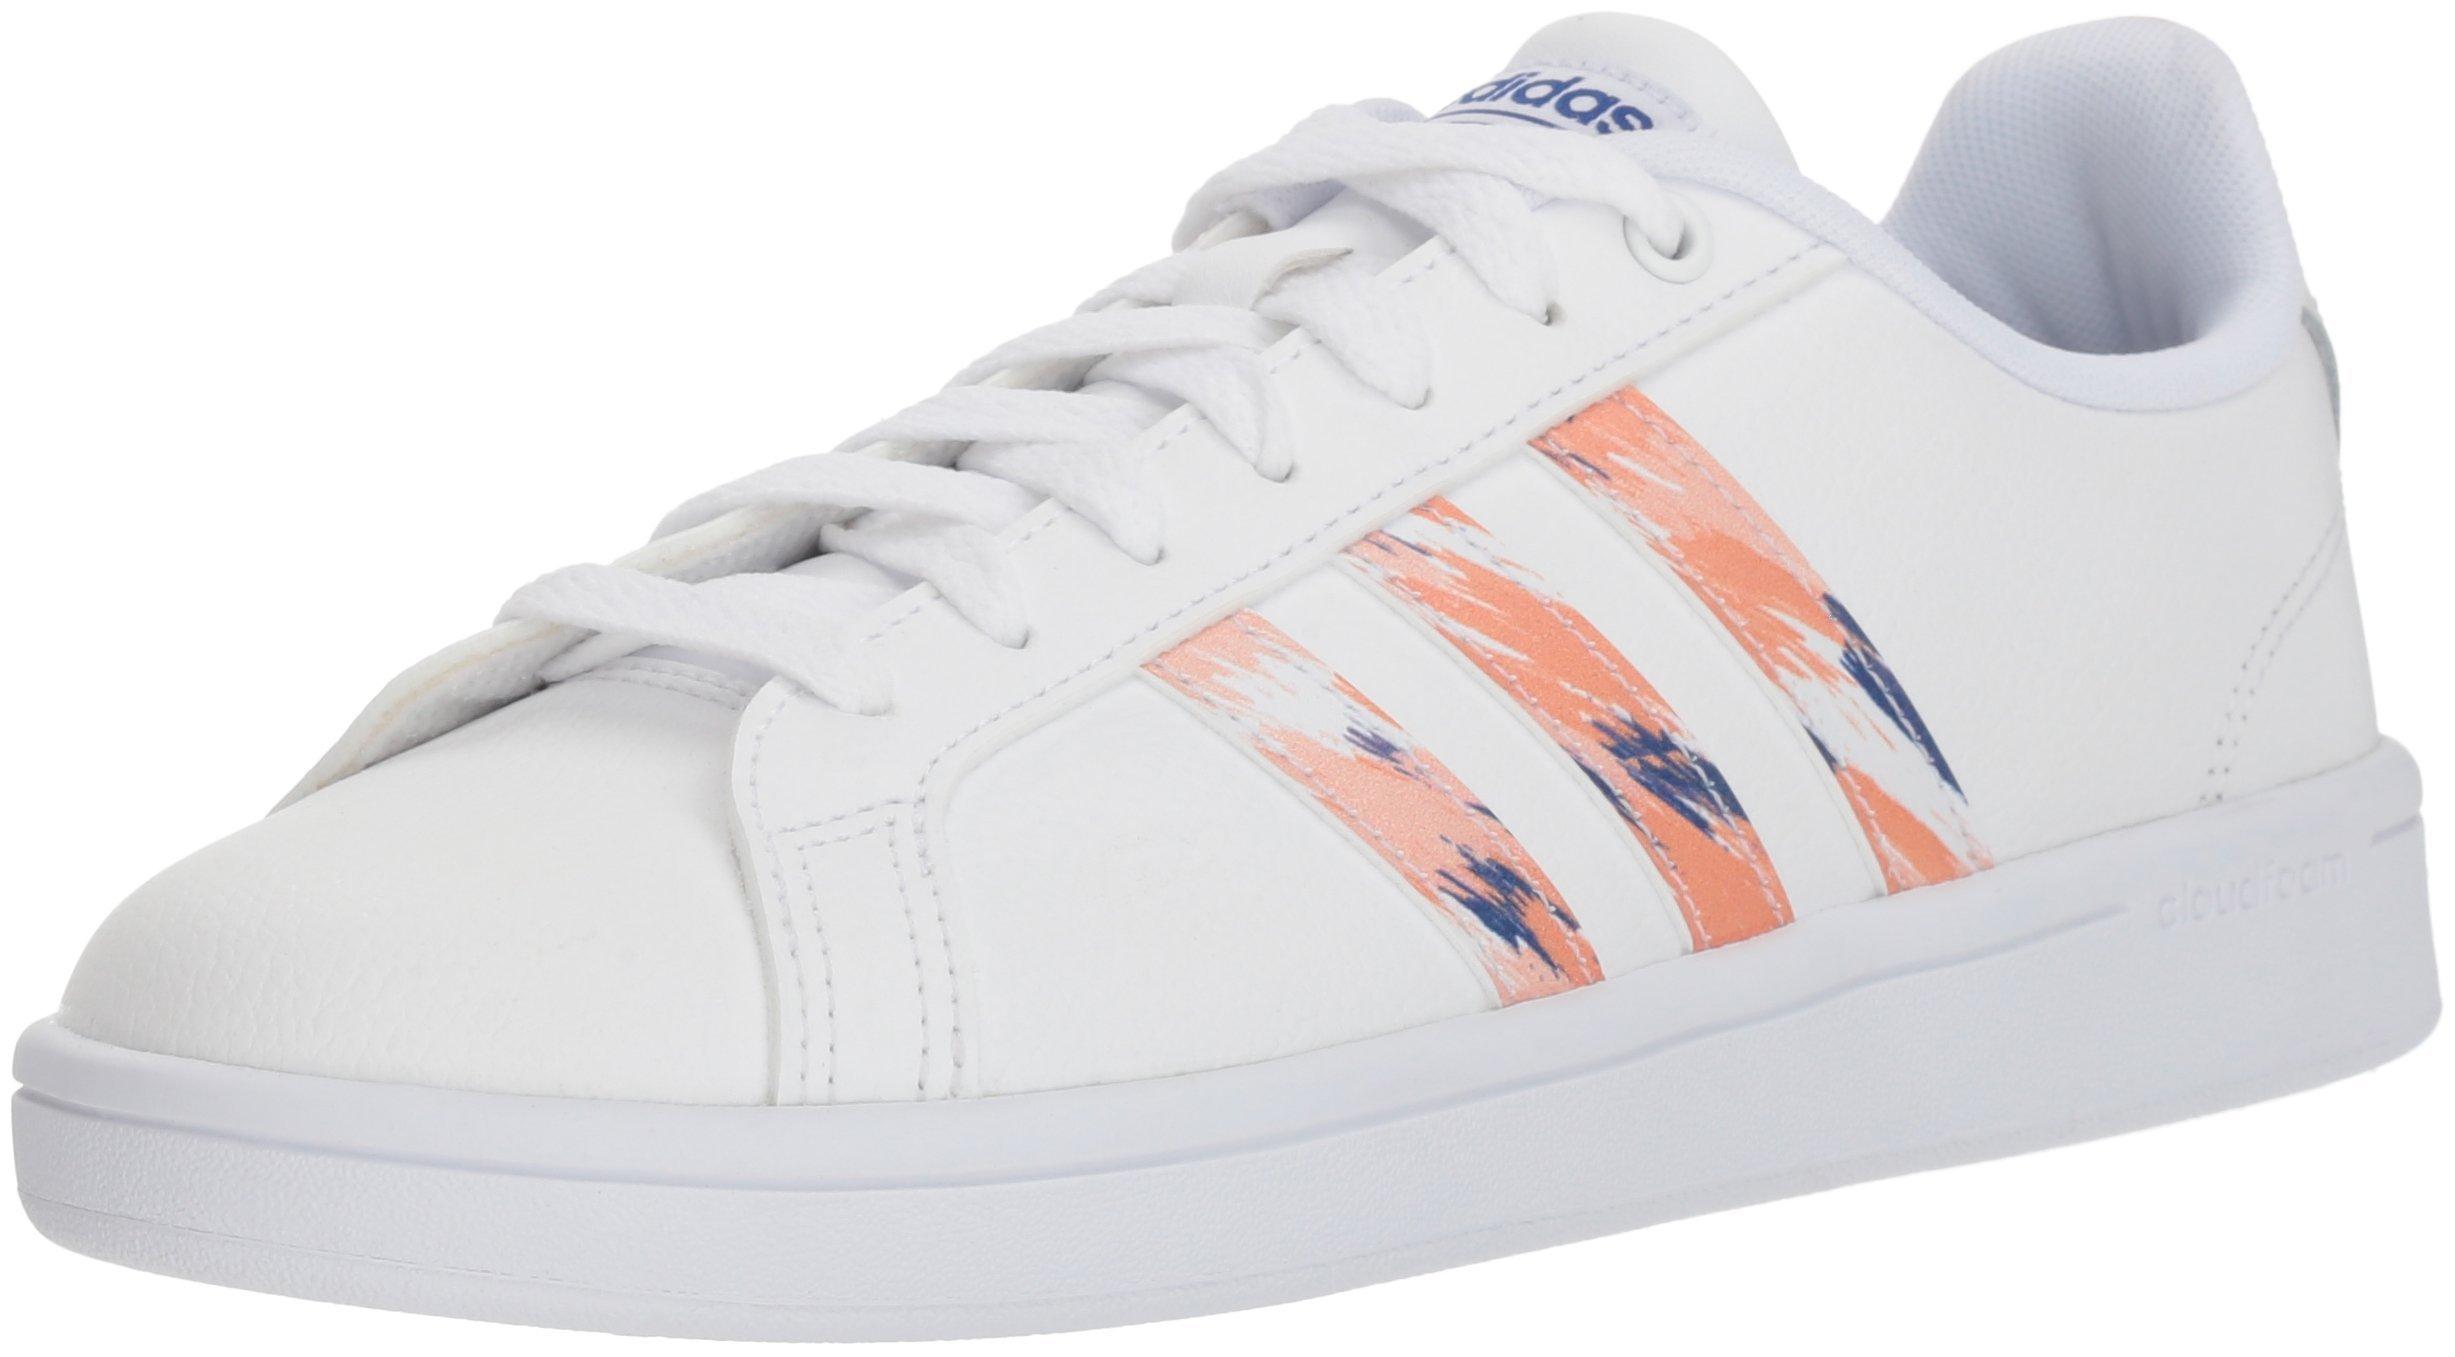 adidas Women's Cf Advantage Sneaker, White/Clear Orange/Chalk Coral, 6 M US